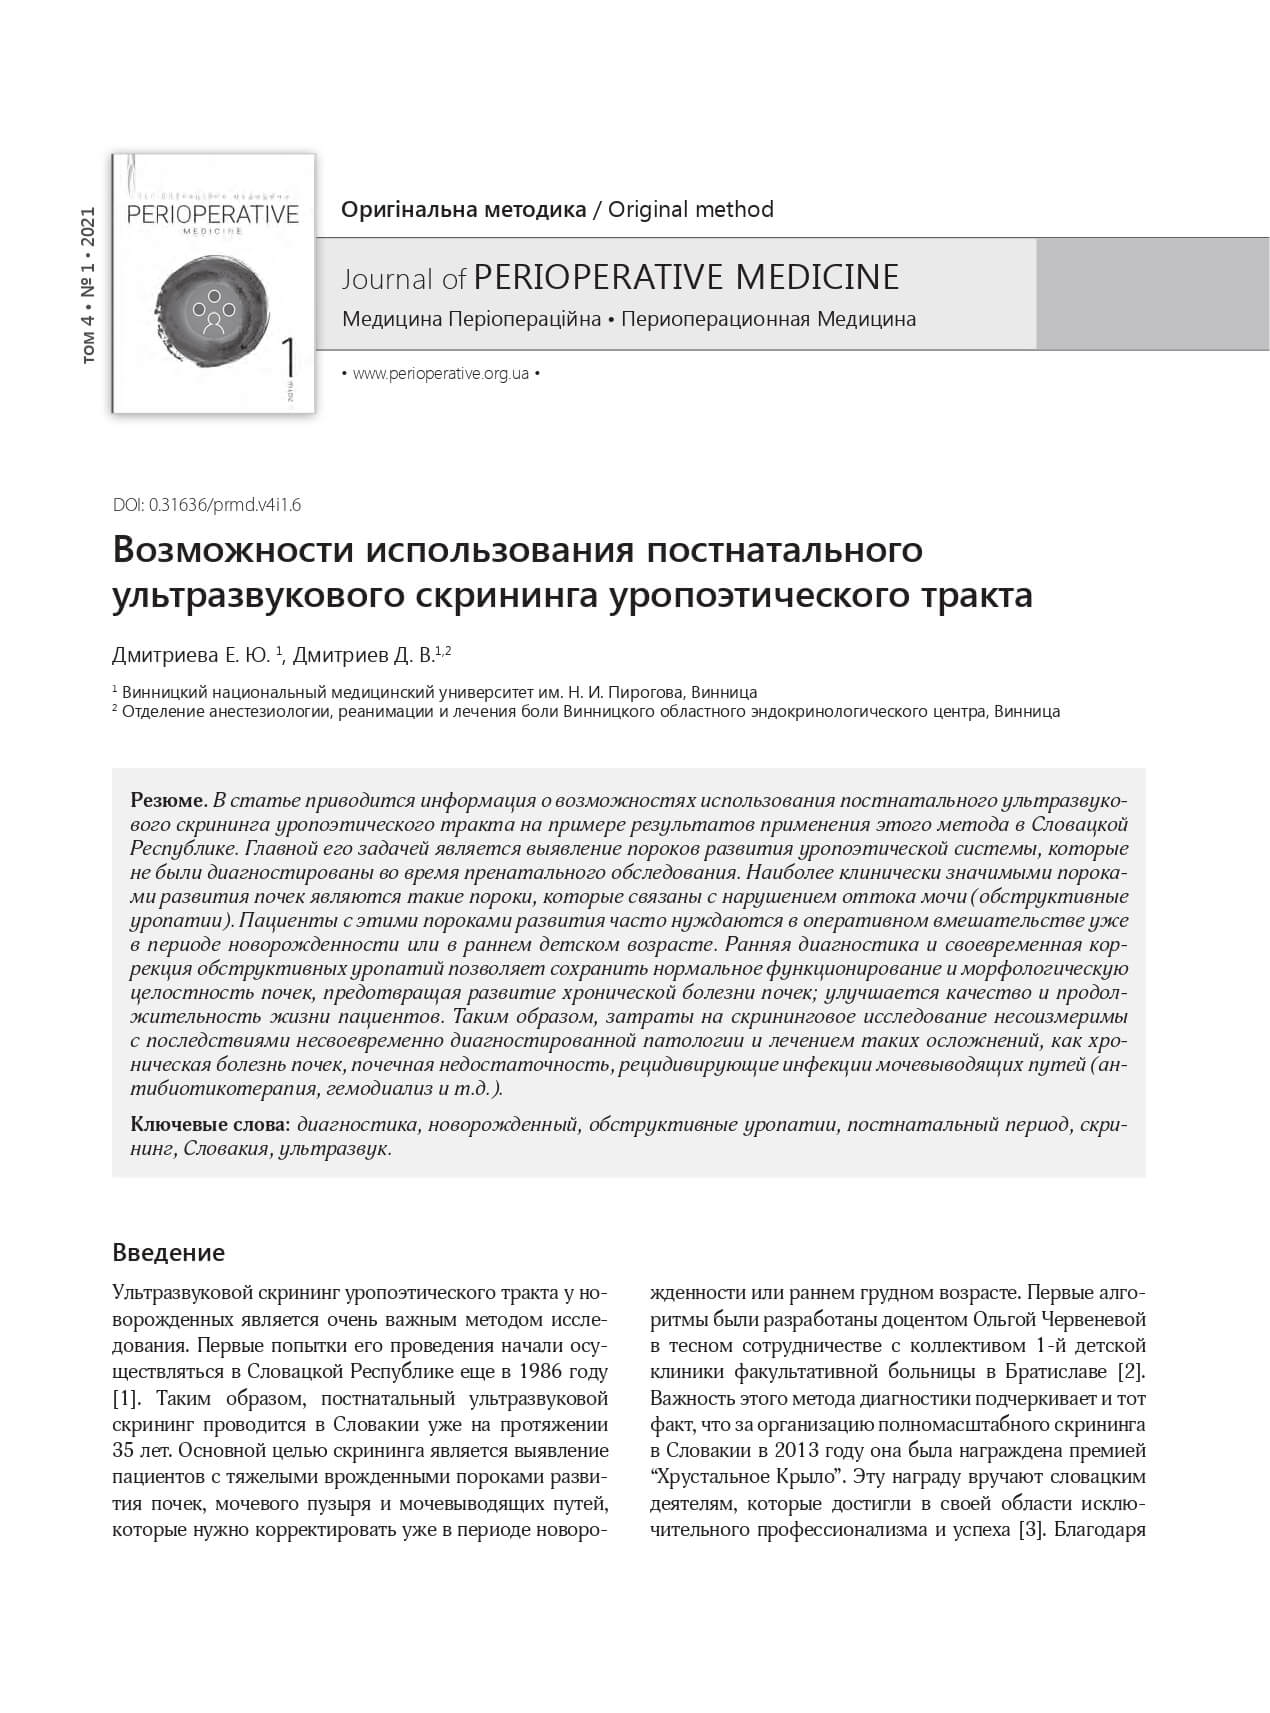 Возможности использования постнатального ультразвукового скрининга уропоэтического тракта